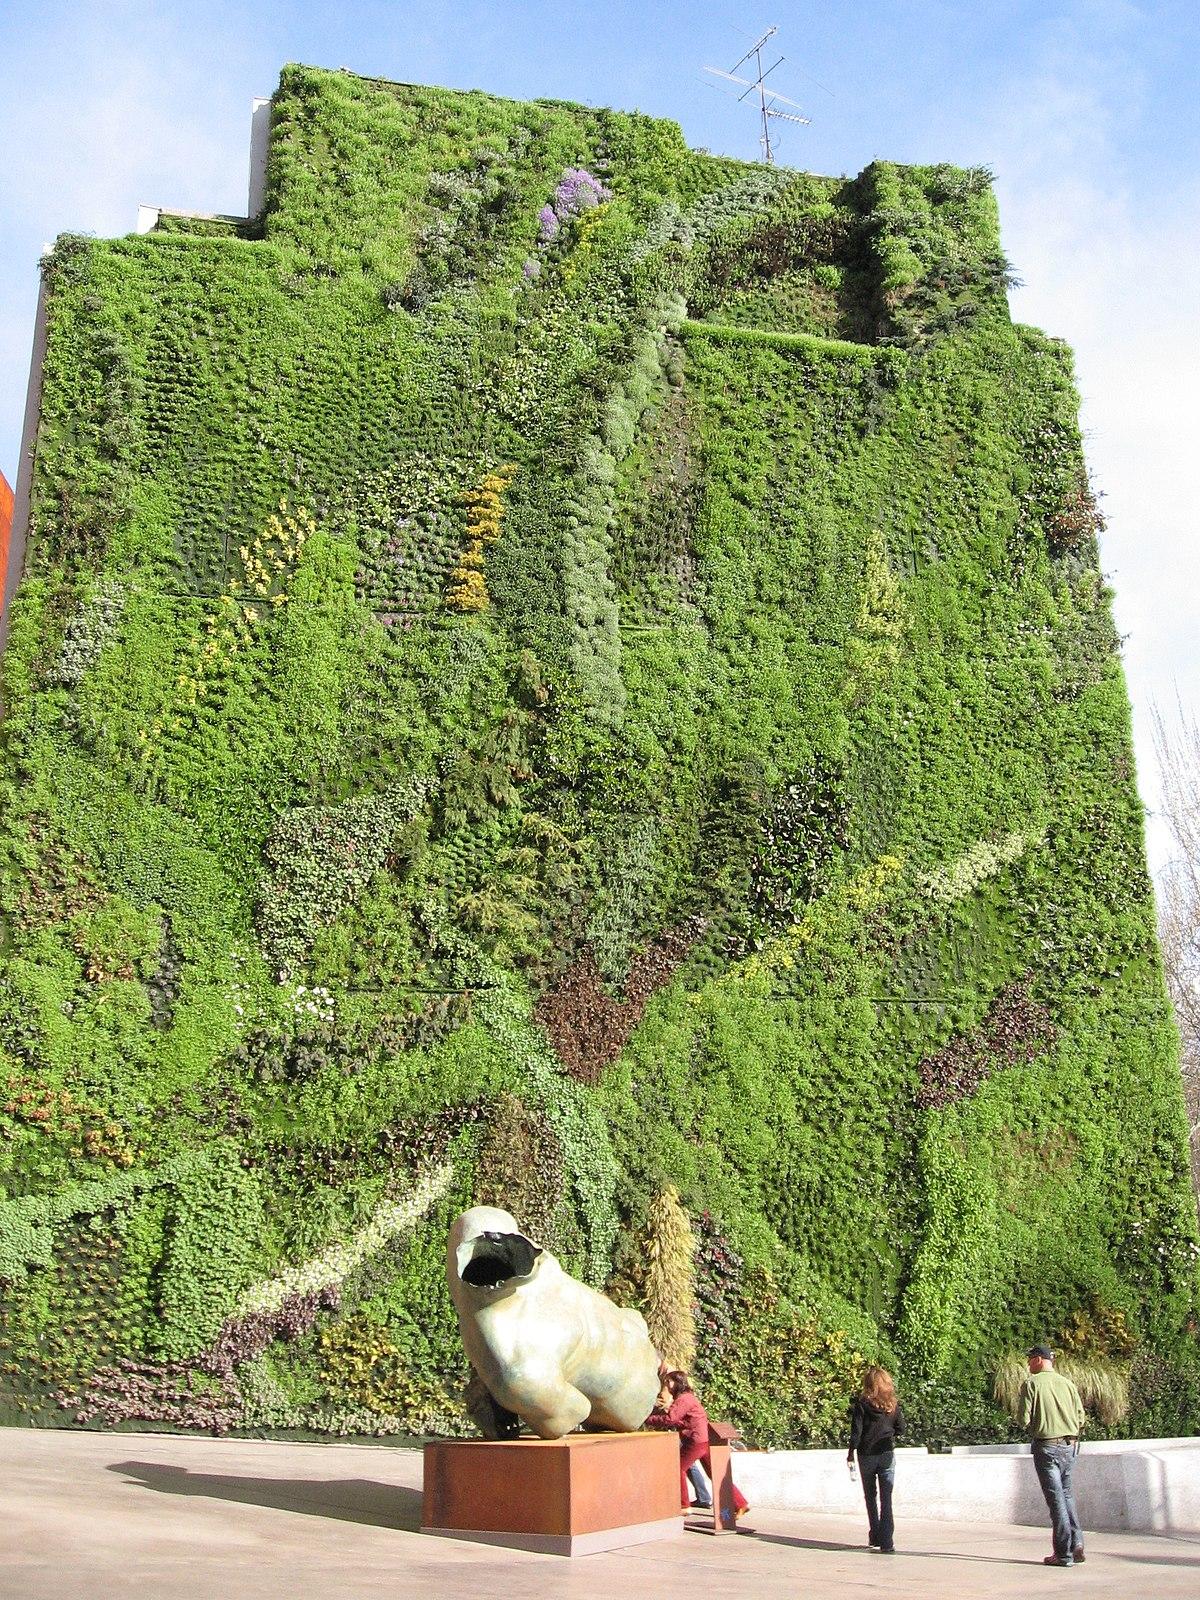 Giardino verticale wikipedia for Architettura giardini